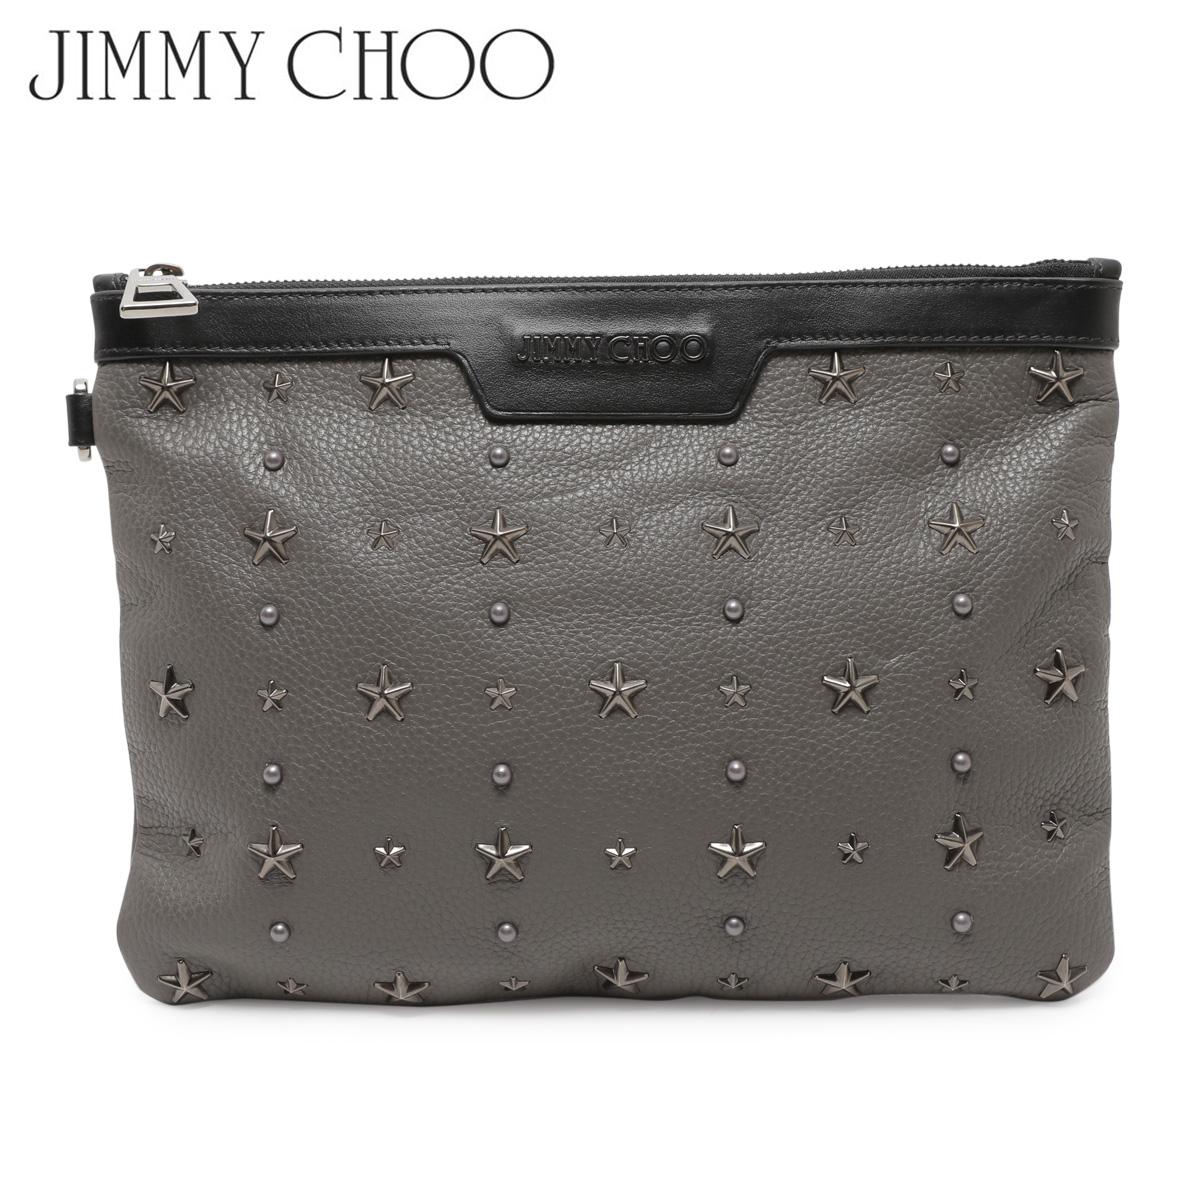 【訳あり】 JIMMY CHOO ジミーチュウ バッグ クラッチバッグ レディース CLUTCH BAG グレー 16597-43 【返品不可】